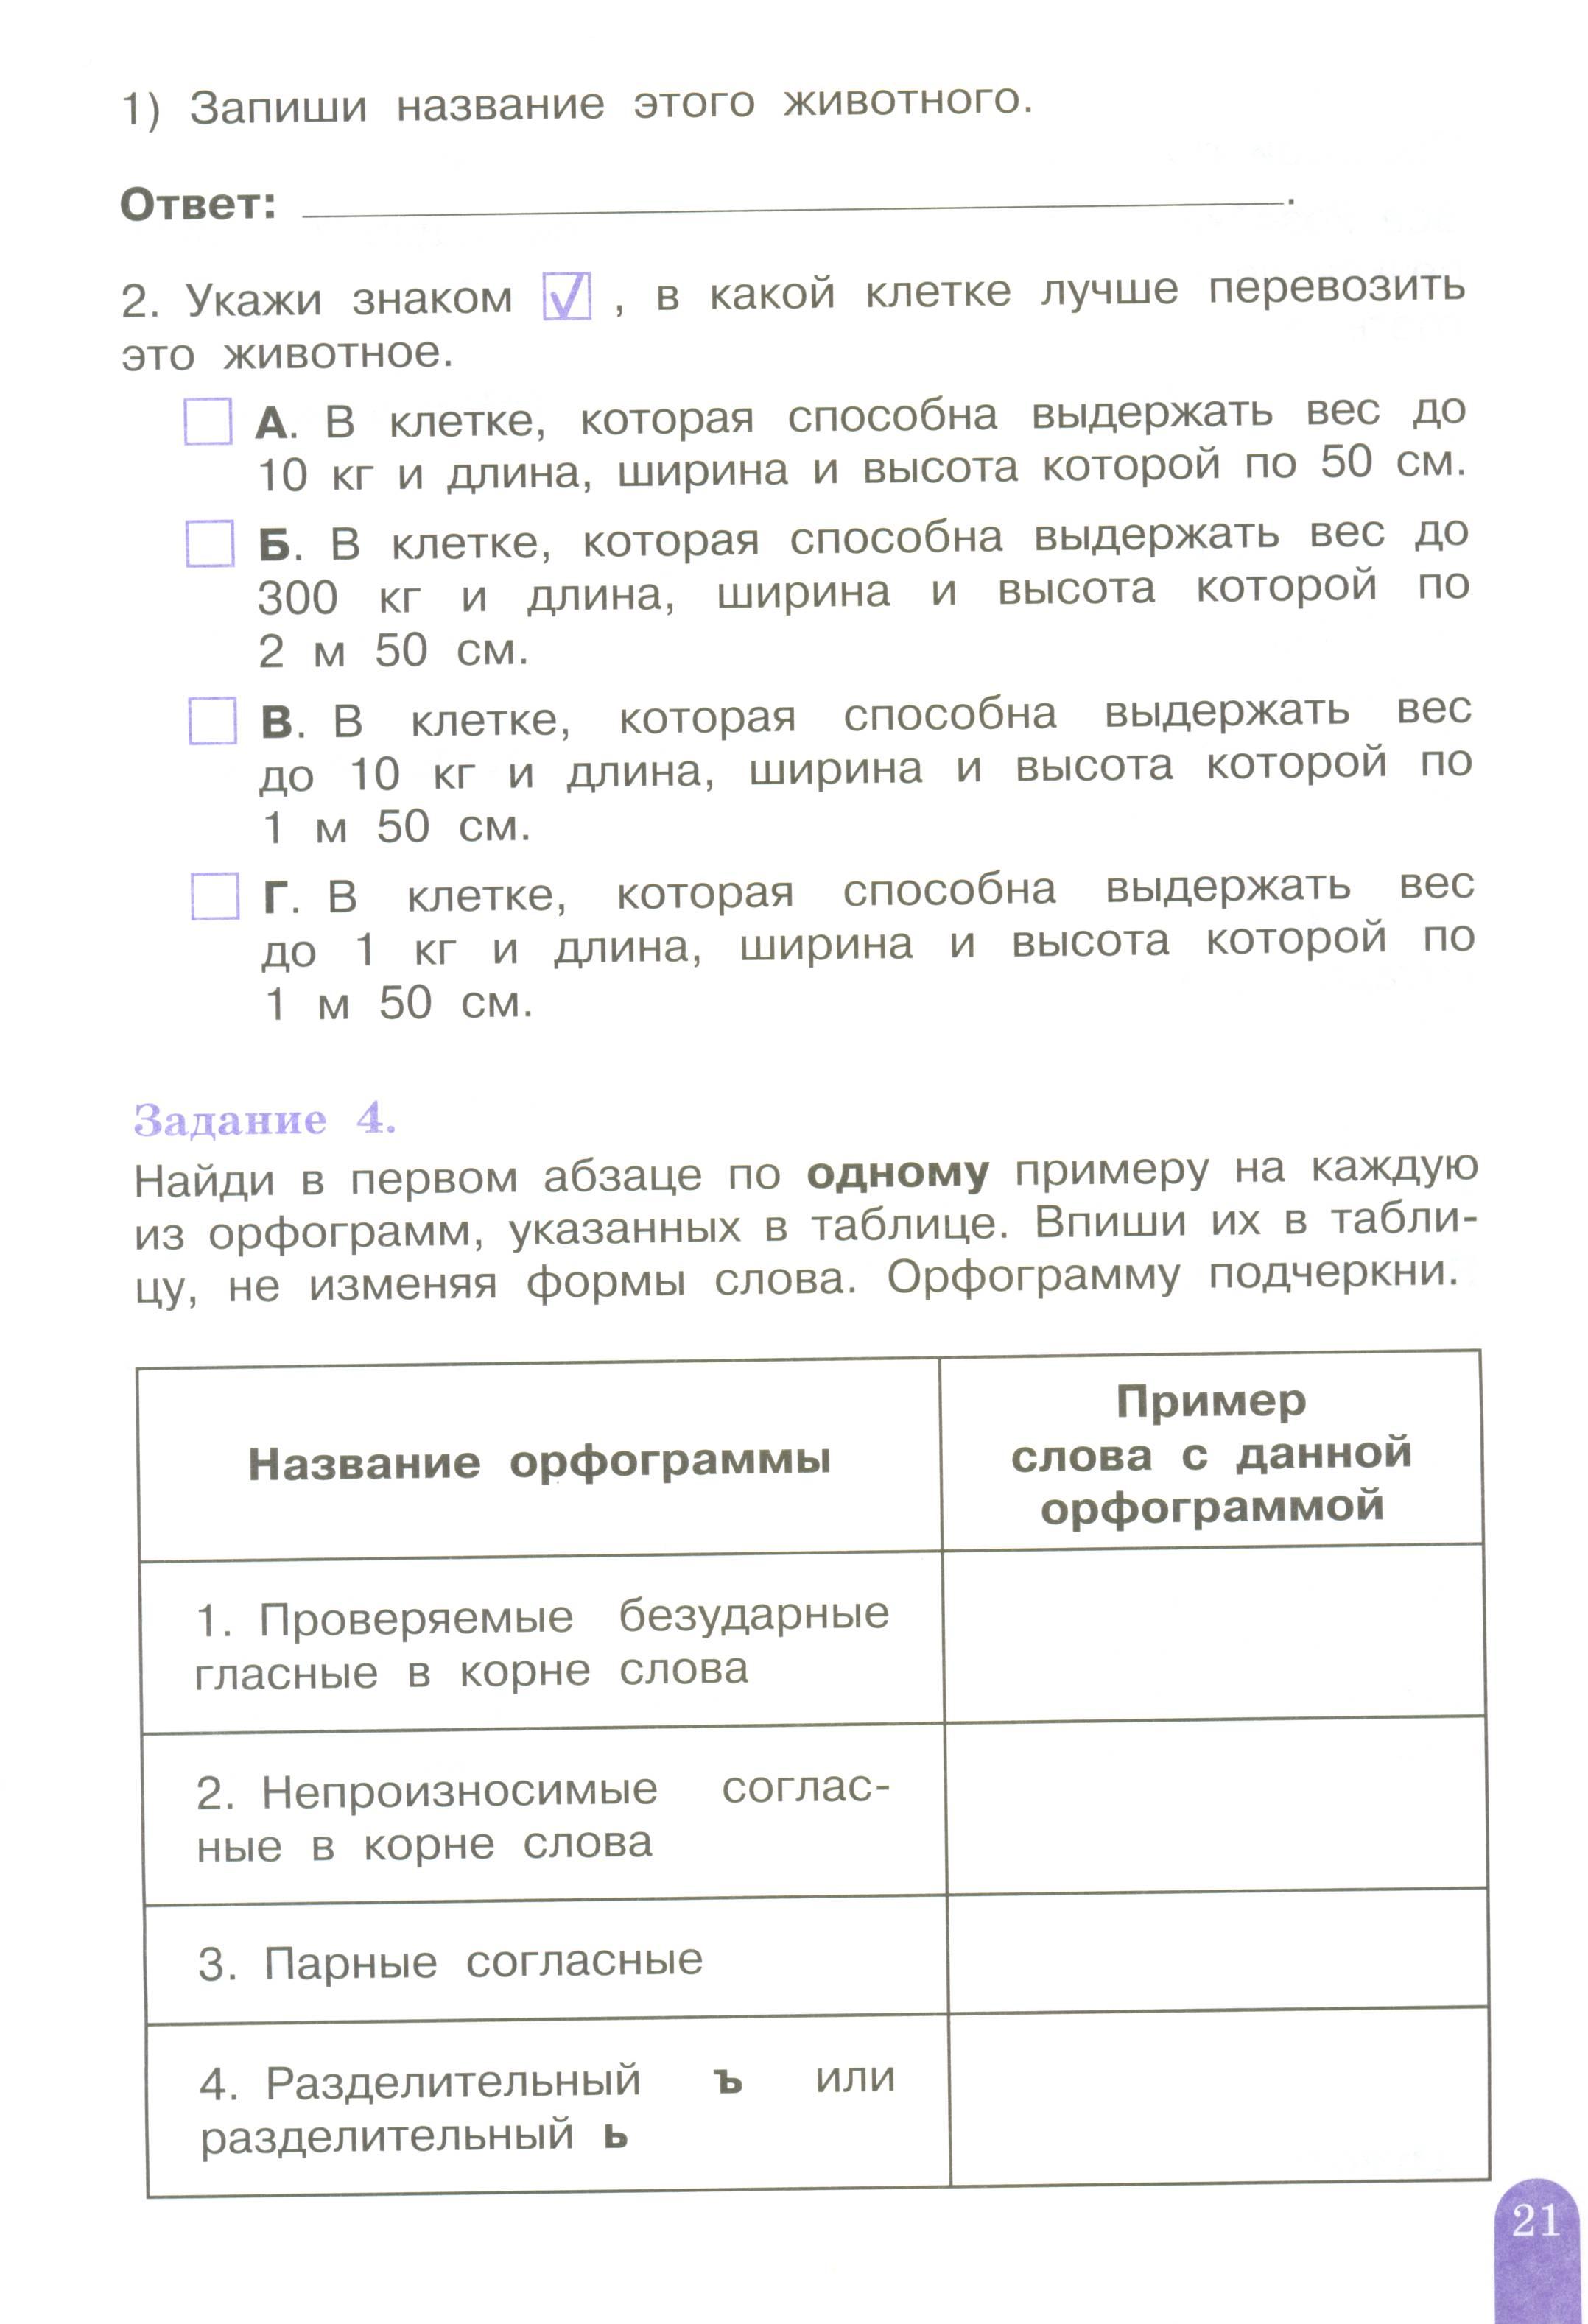 Тест онлайн комплексная работа 4 класс проверка разрешений на работу онлайн